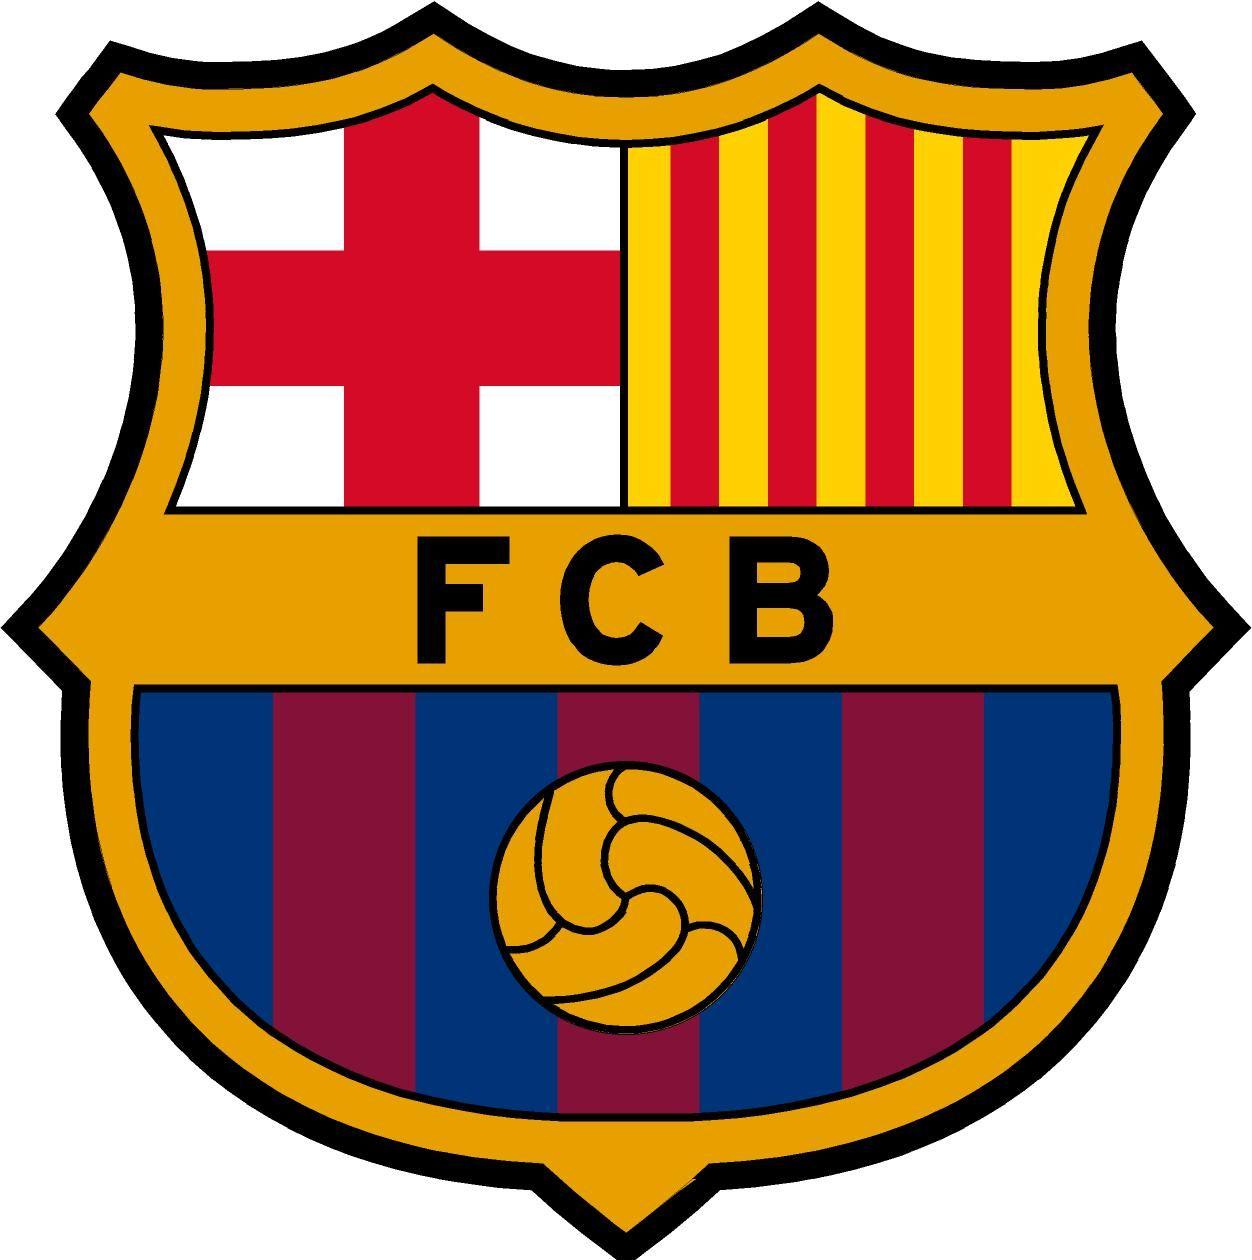 soccer escudo football futbol logo para pastel barca barcelona-españa.jpg (1252×1260)